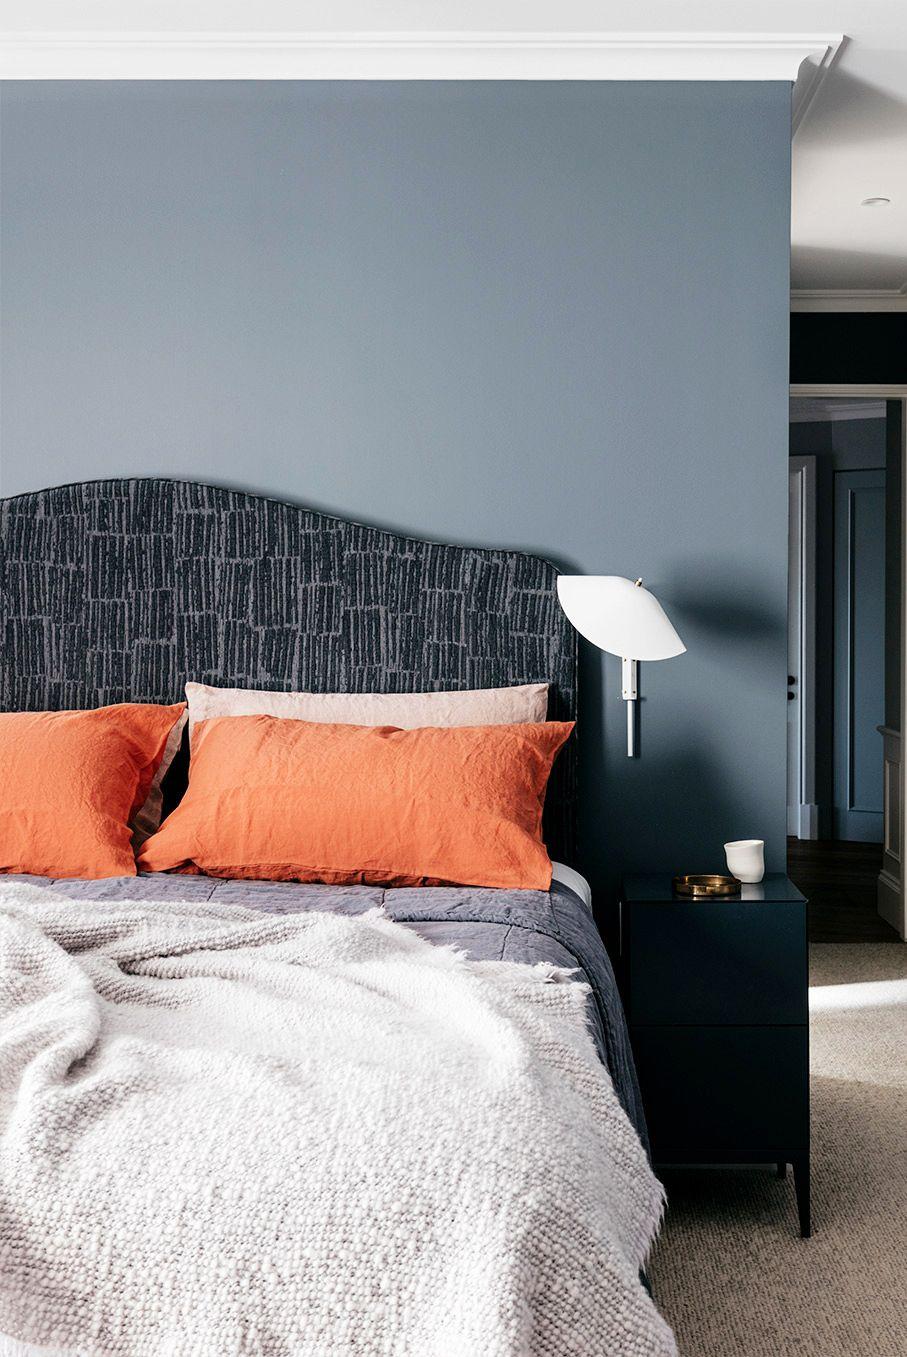 Sơn lại tường phòng ngủ